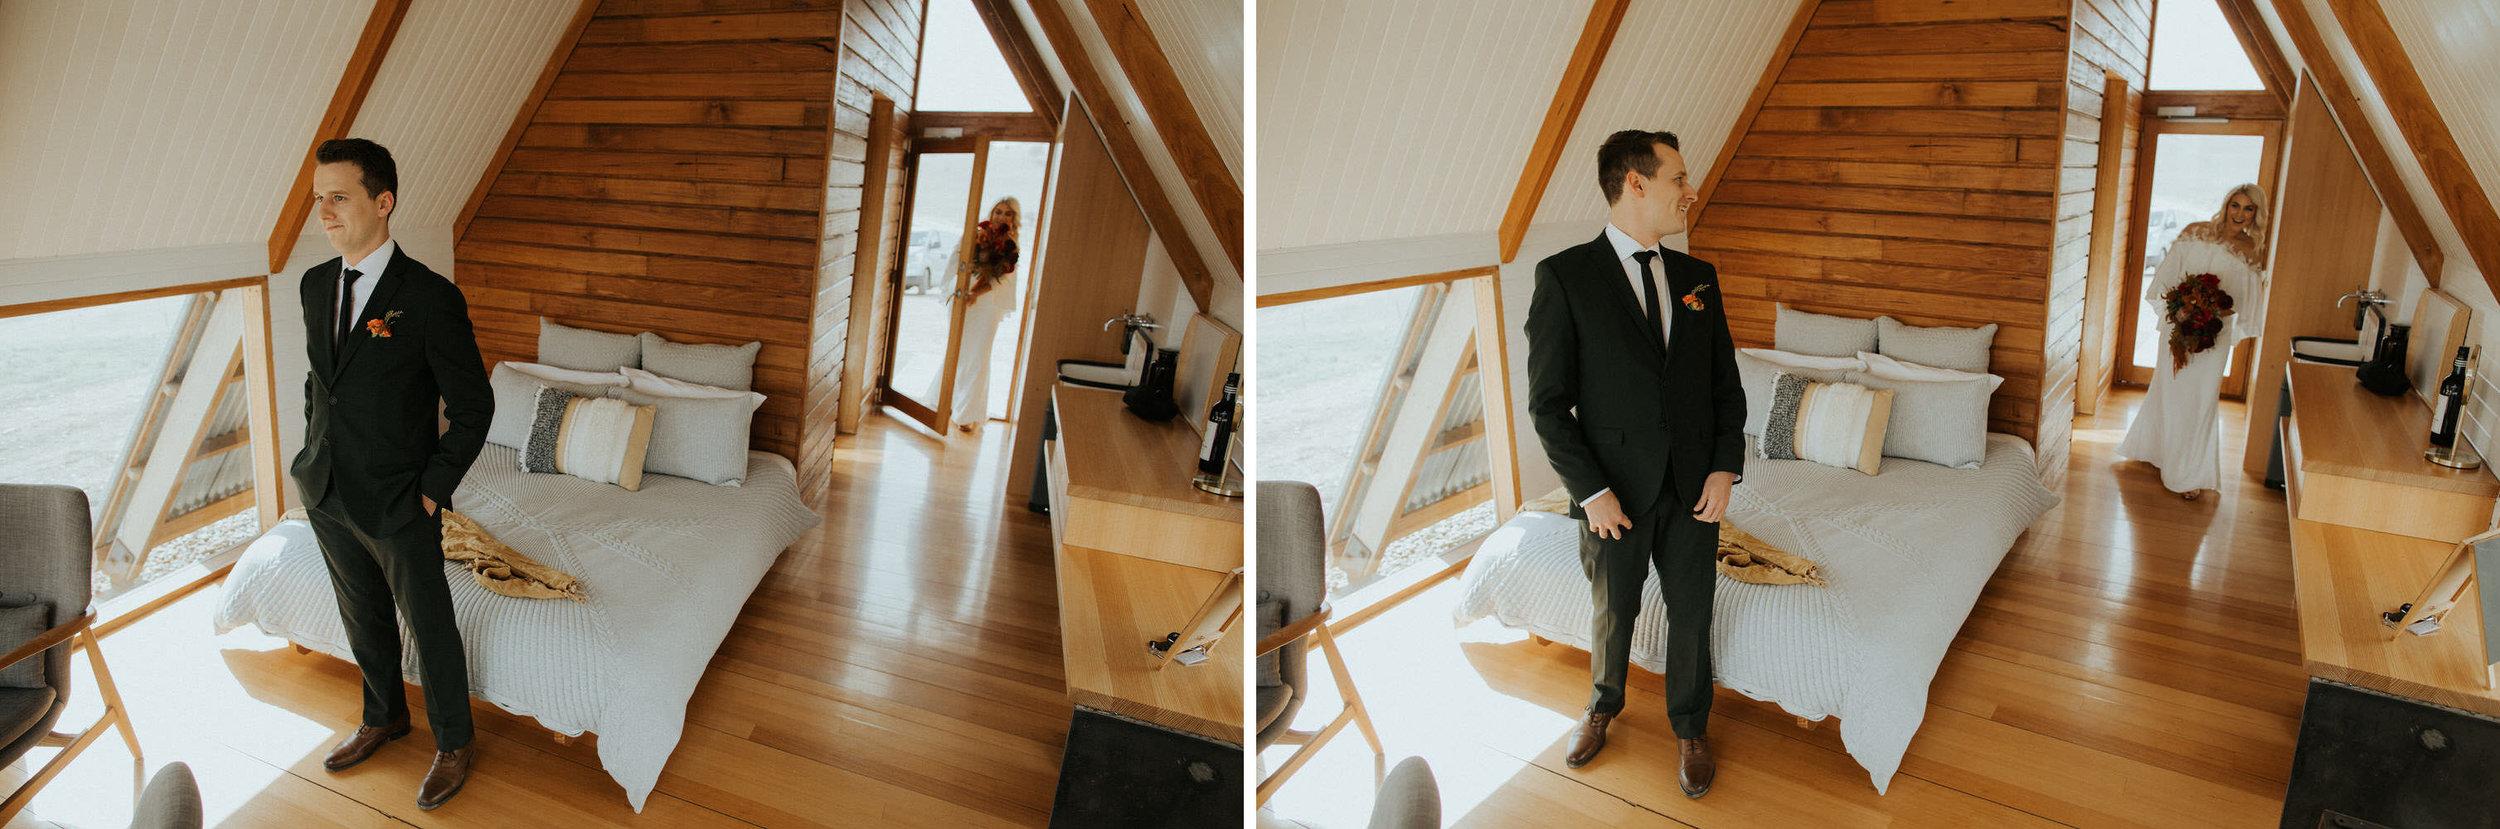 kimo-estate-wedding-photography-26.jpg